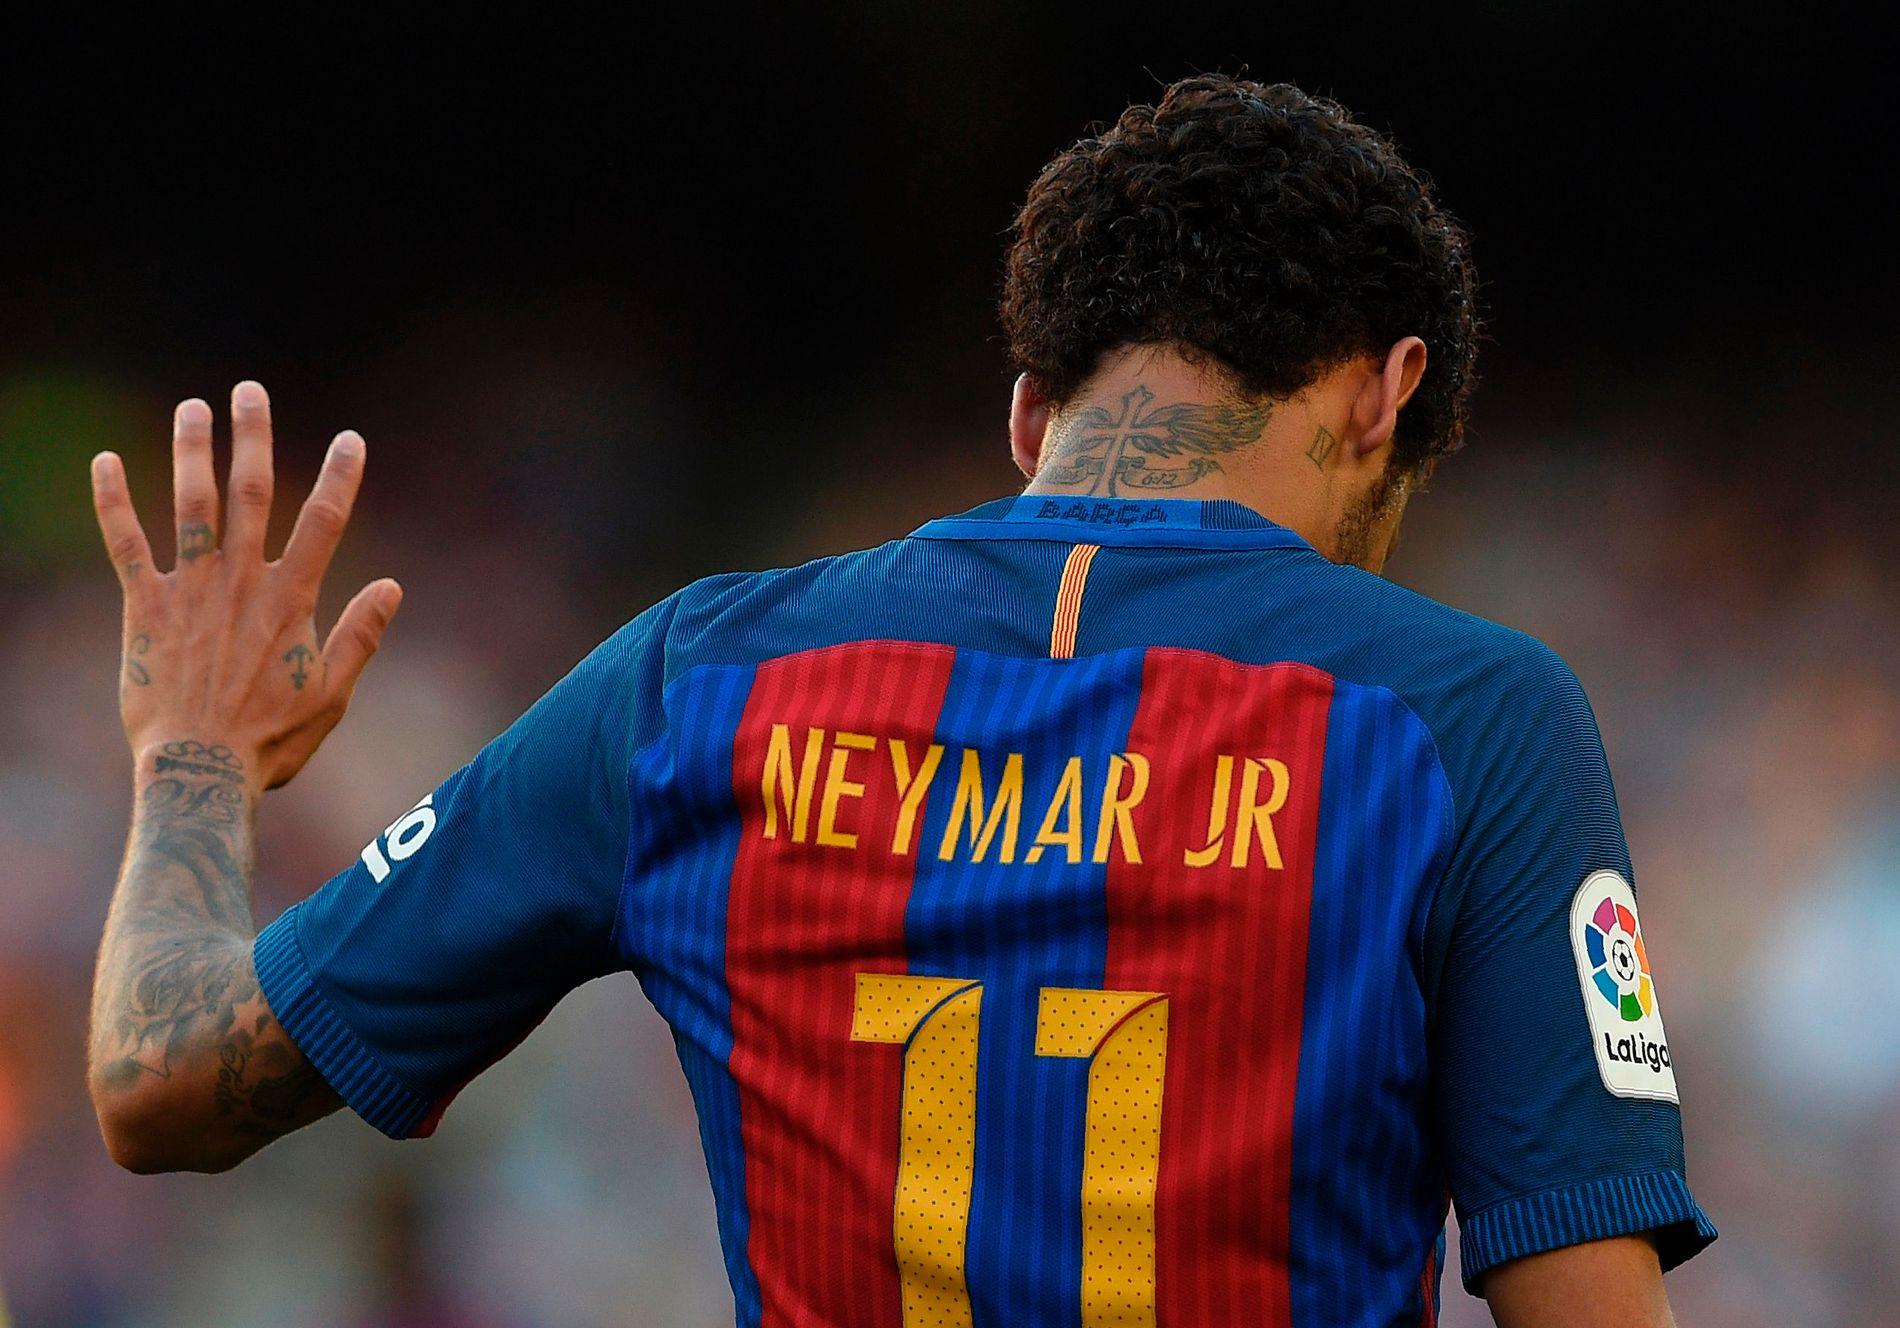 DET UMULIGE: Overgangen som ikke kunne skje, er i ferd med å skje: Neymar vinker etter alle solemerker farvel Barcelona til fordel for PSG.